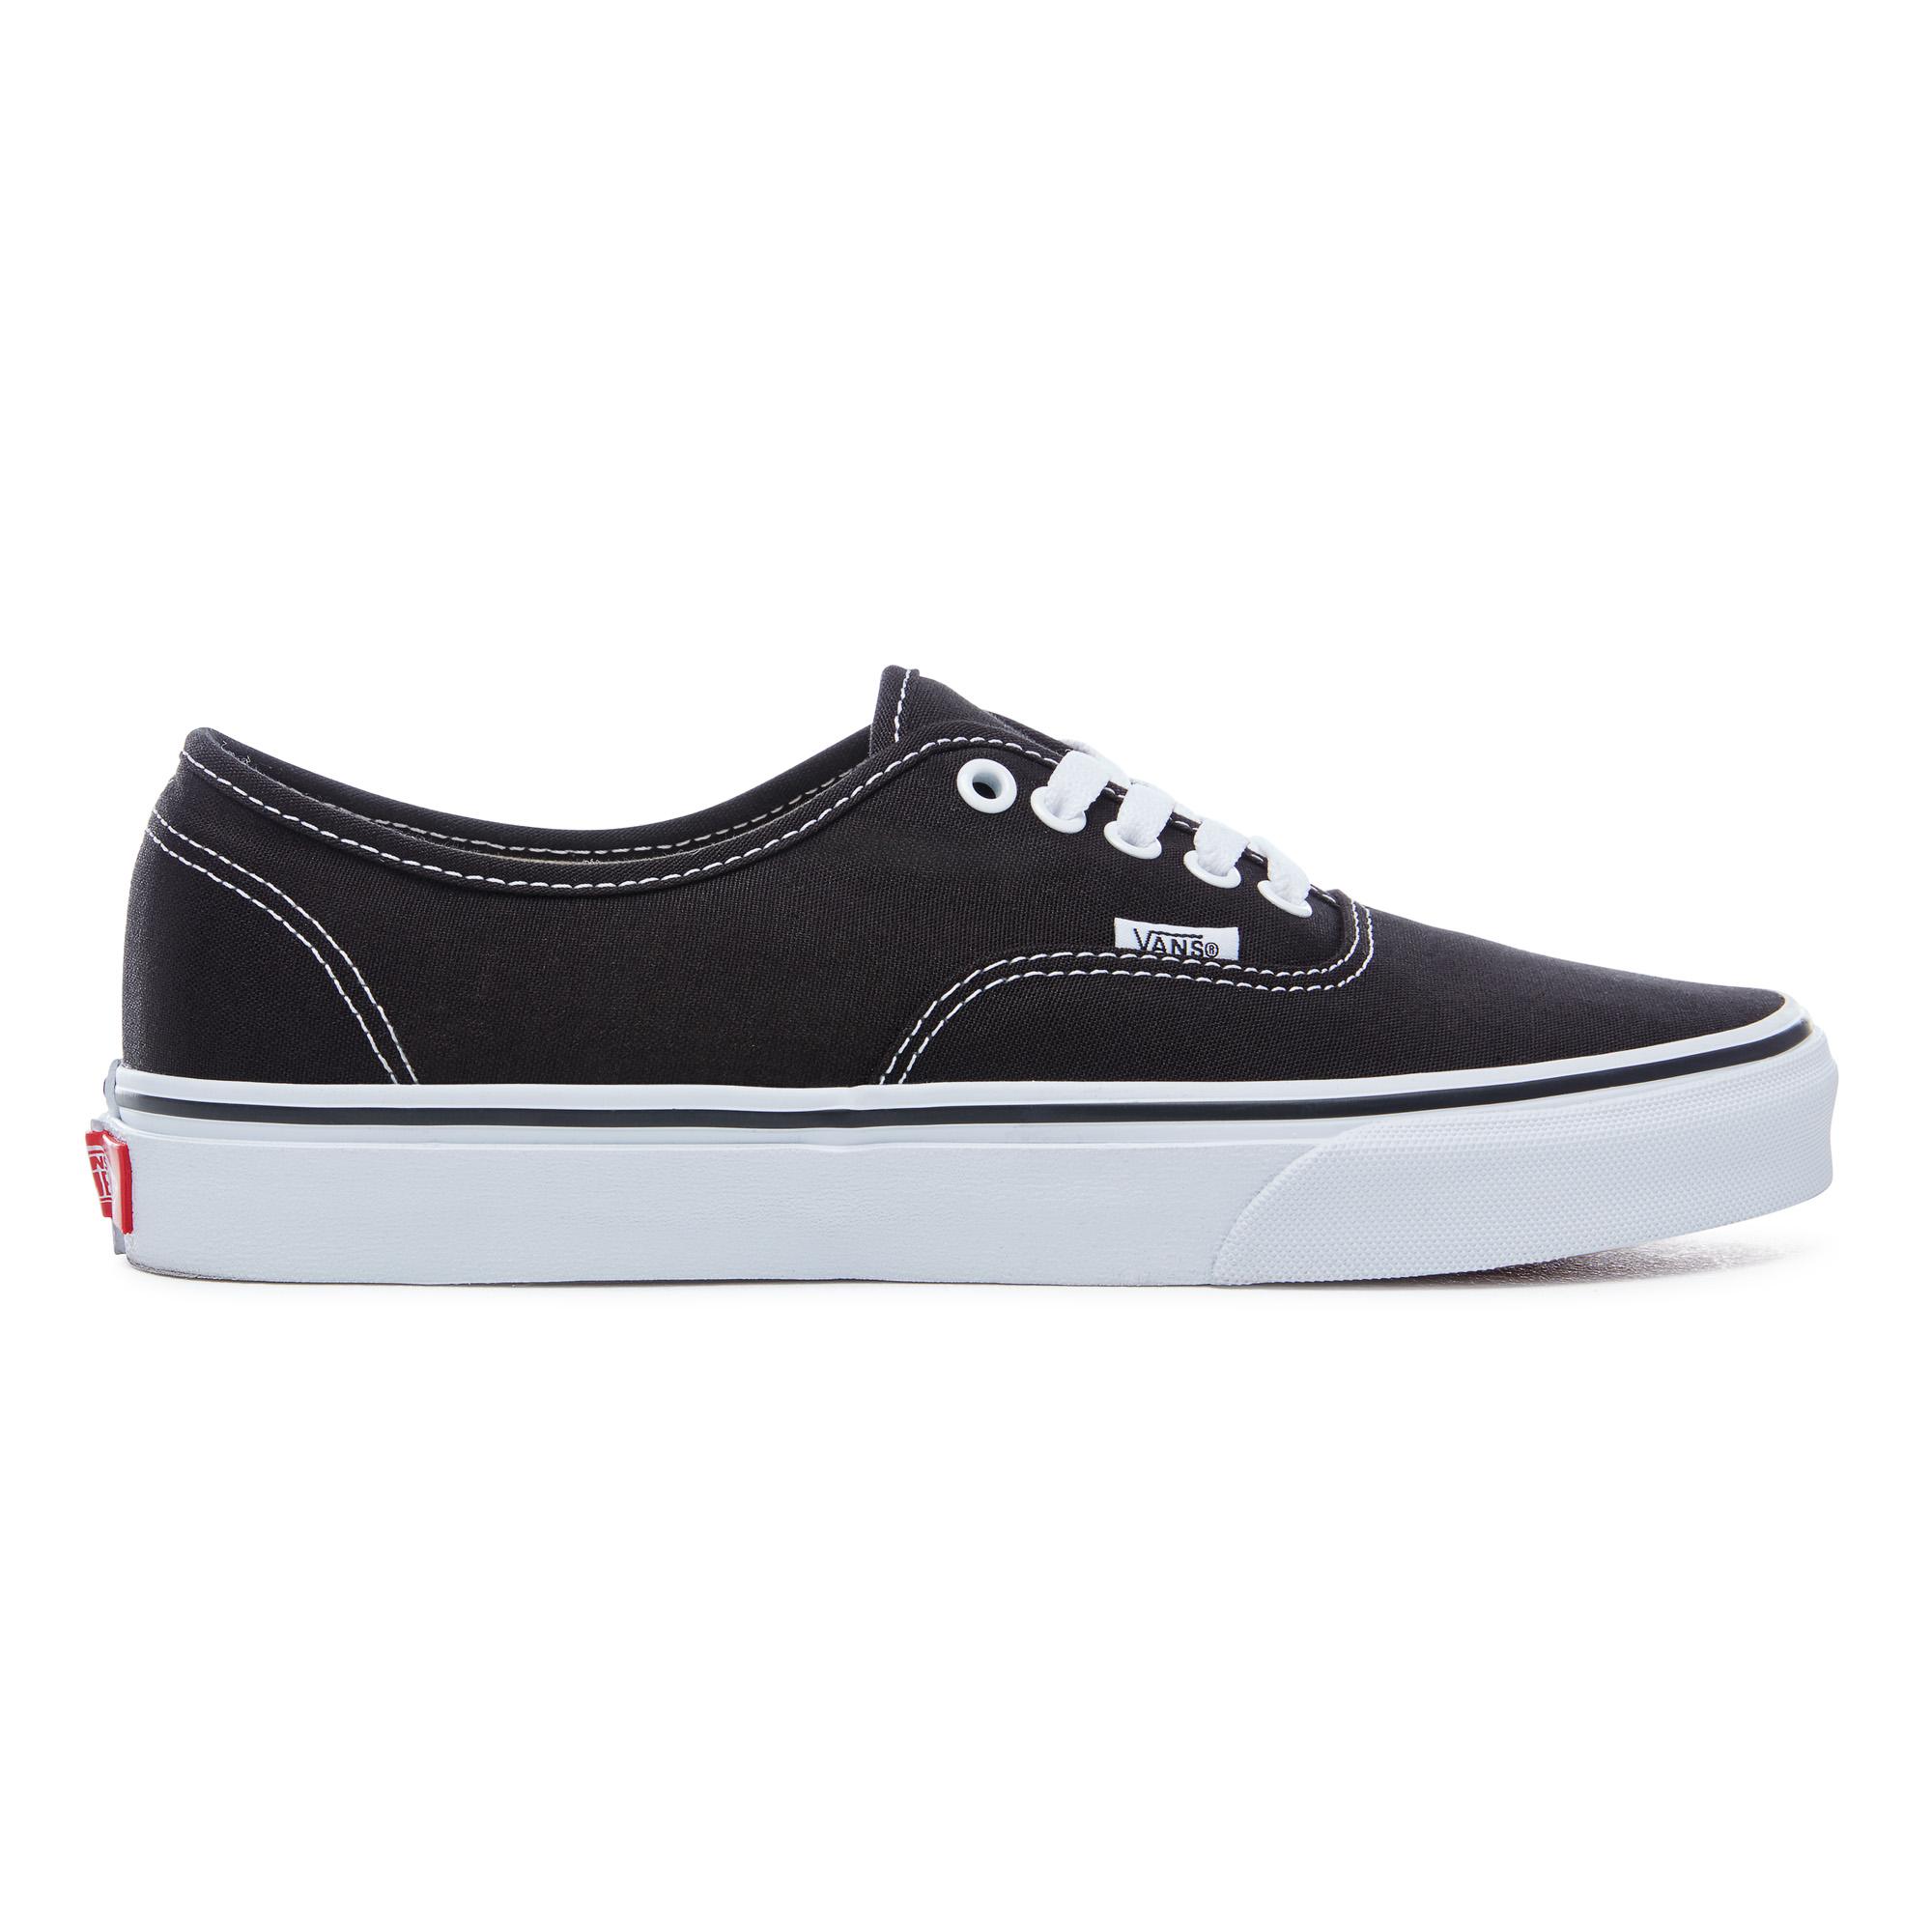 Vans Authentic sneakers, sort, 40